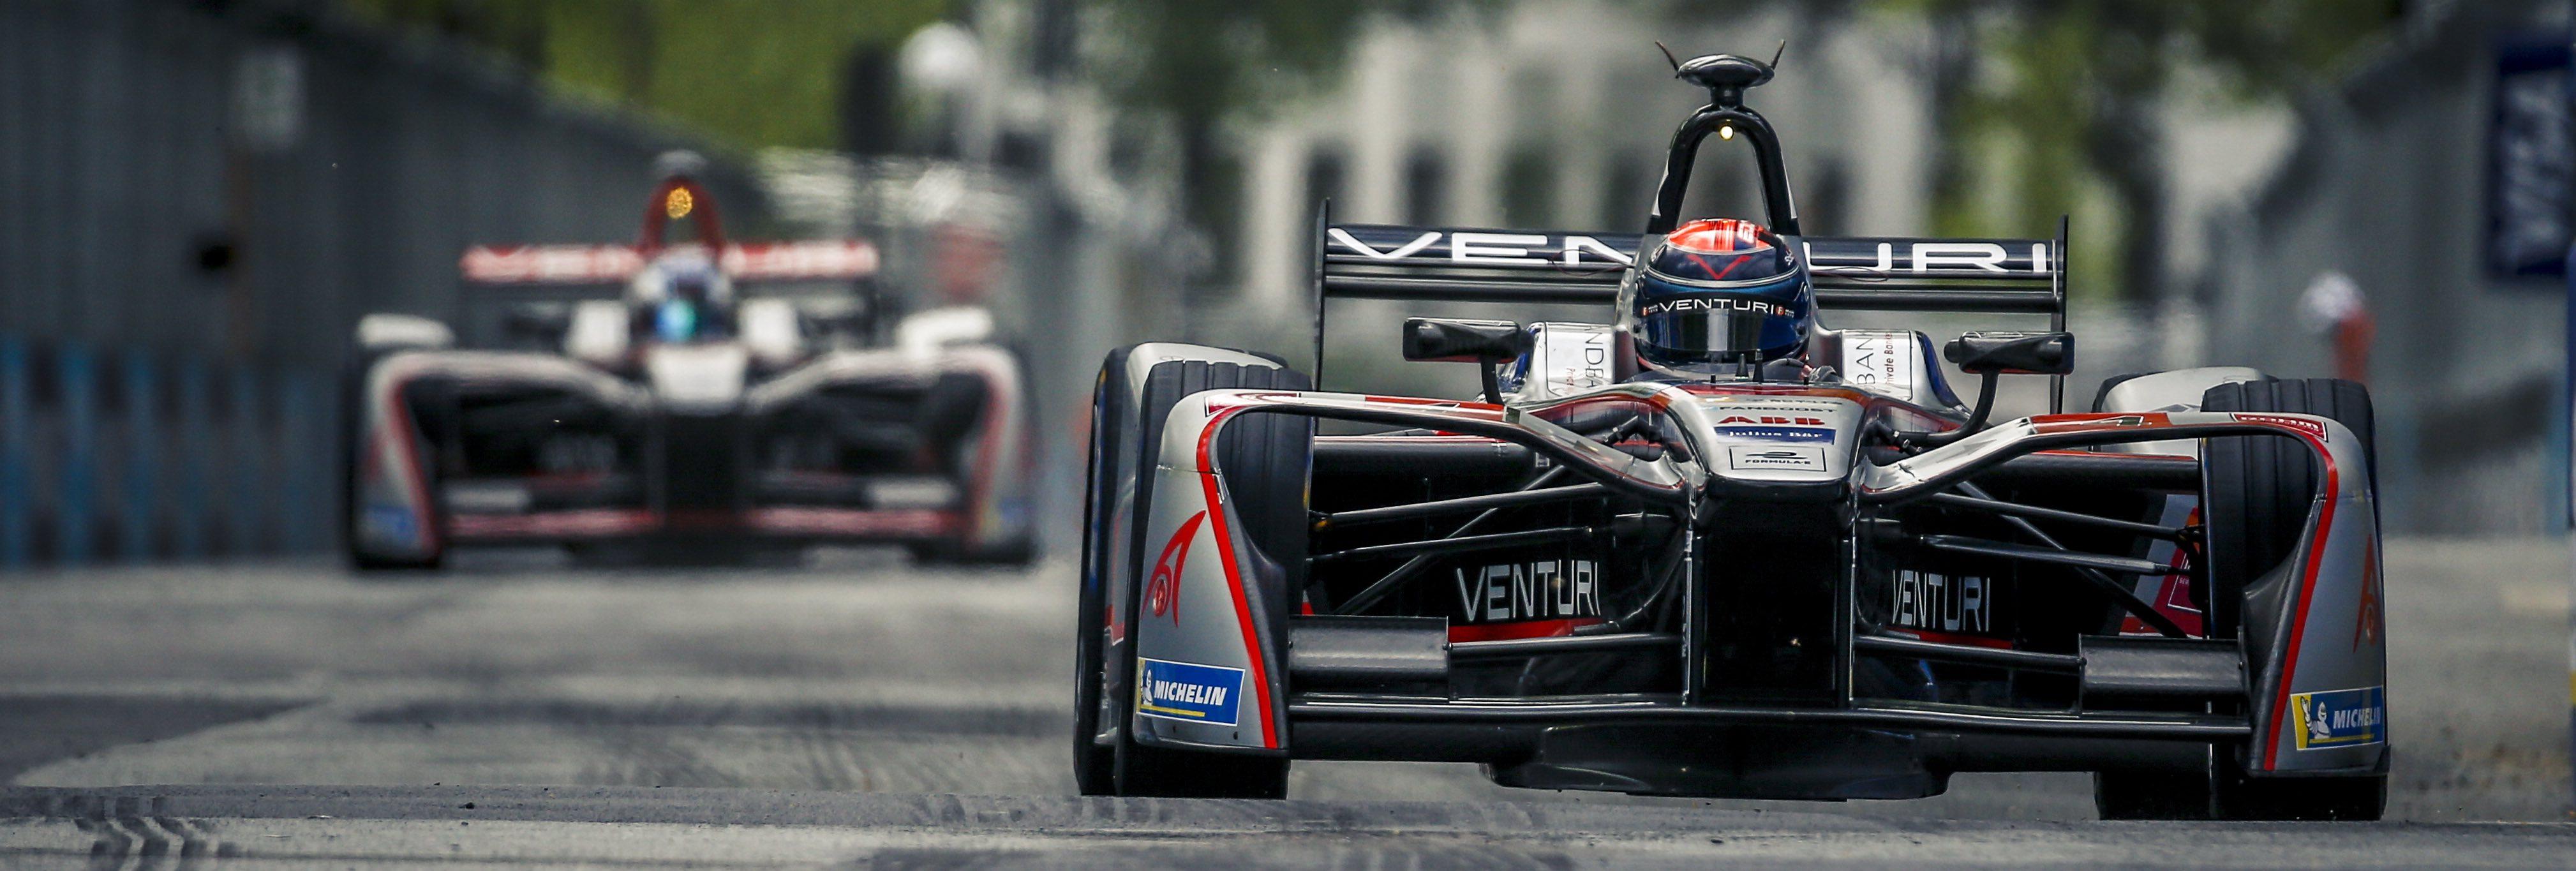 Susie Wolff, expiloto de pruebas de F1 ha sido nombrada directora del equipo Venturi Formula E